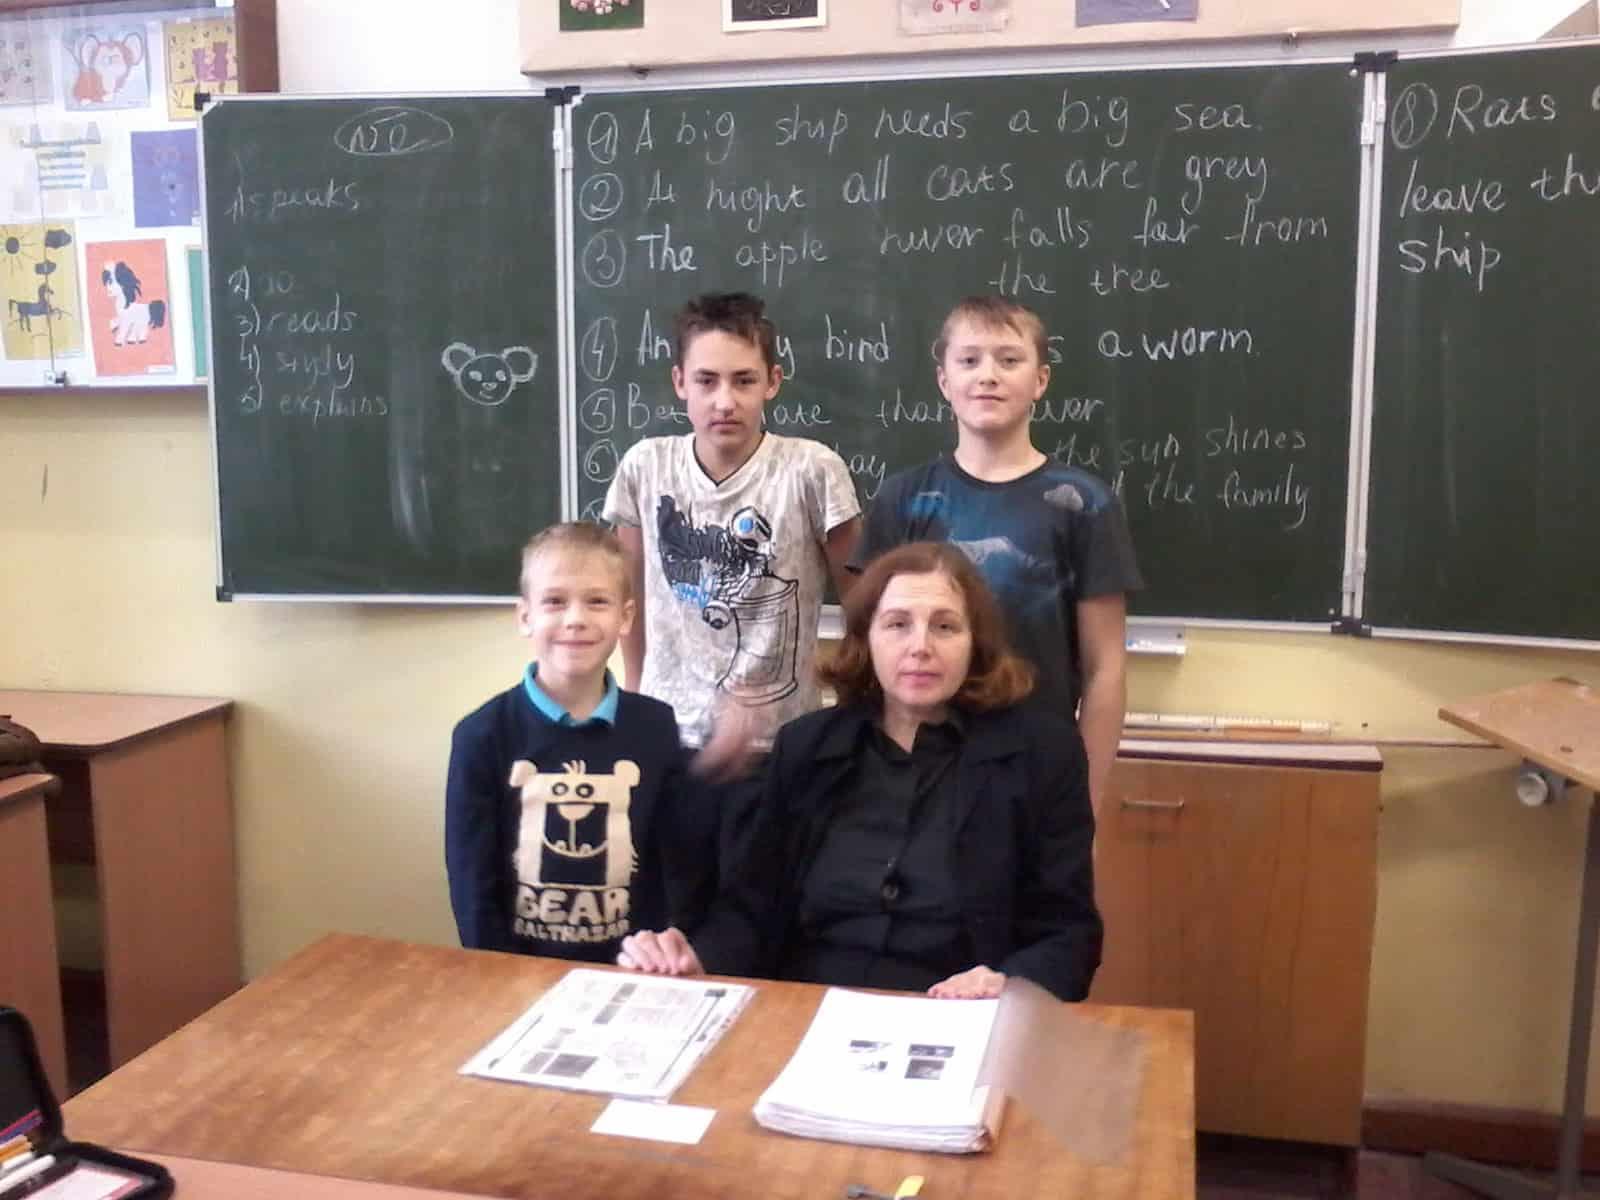 Сабина Рудольфовна Недбайлик с учениками